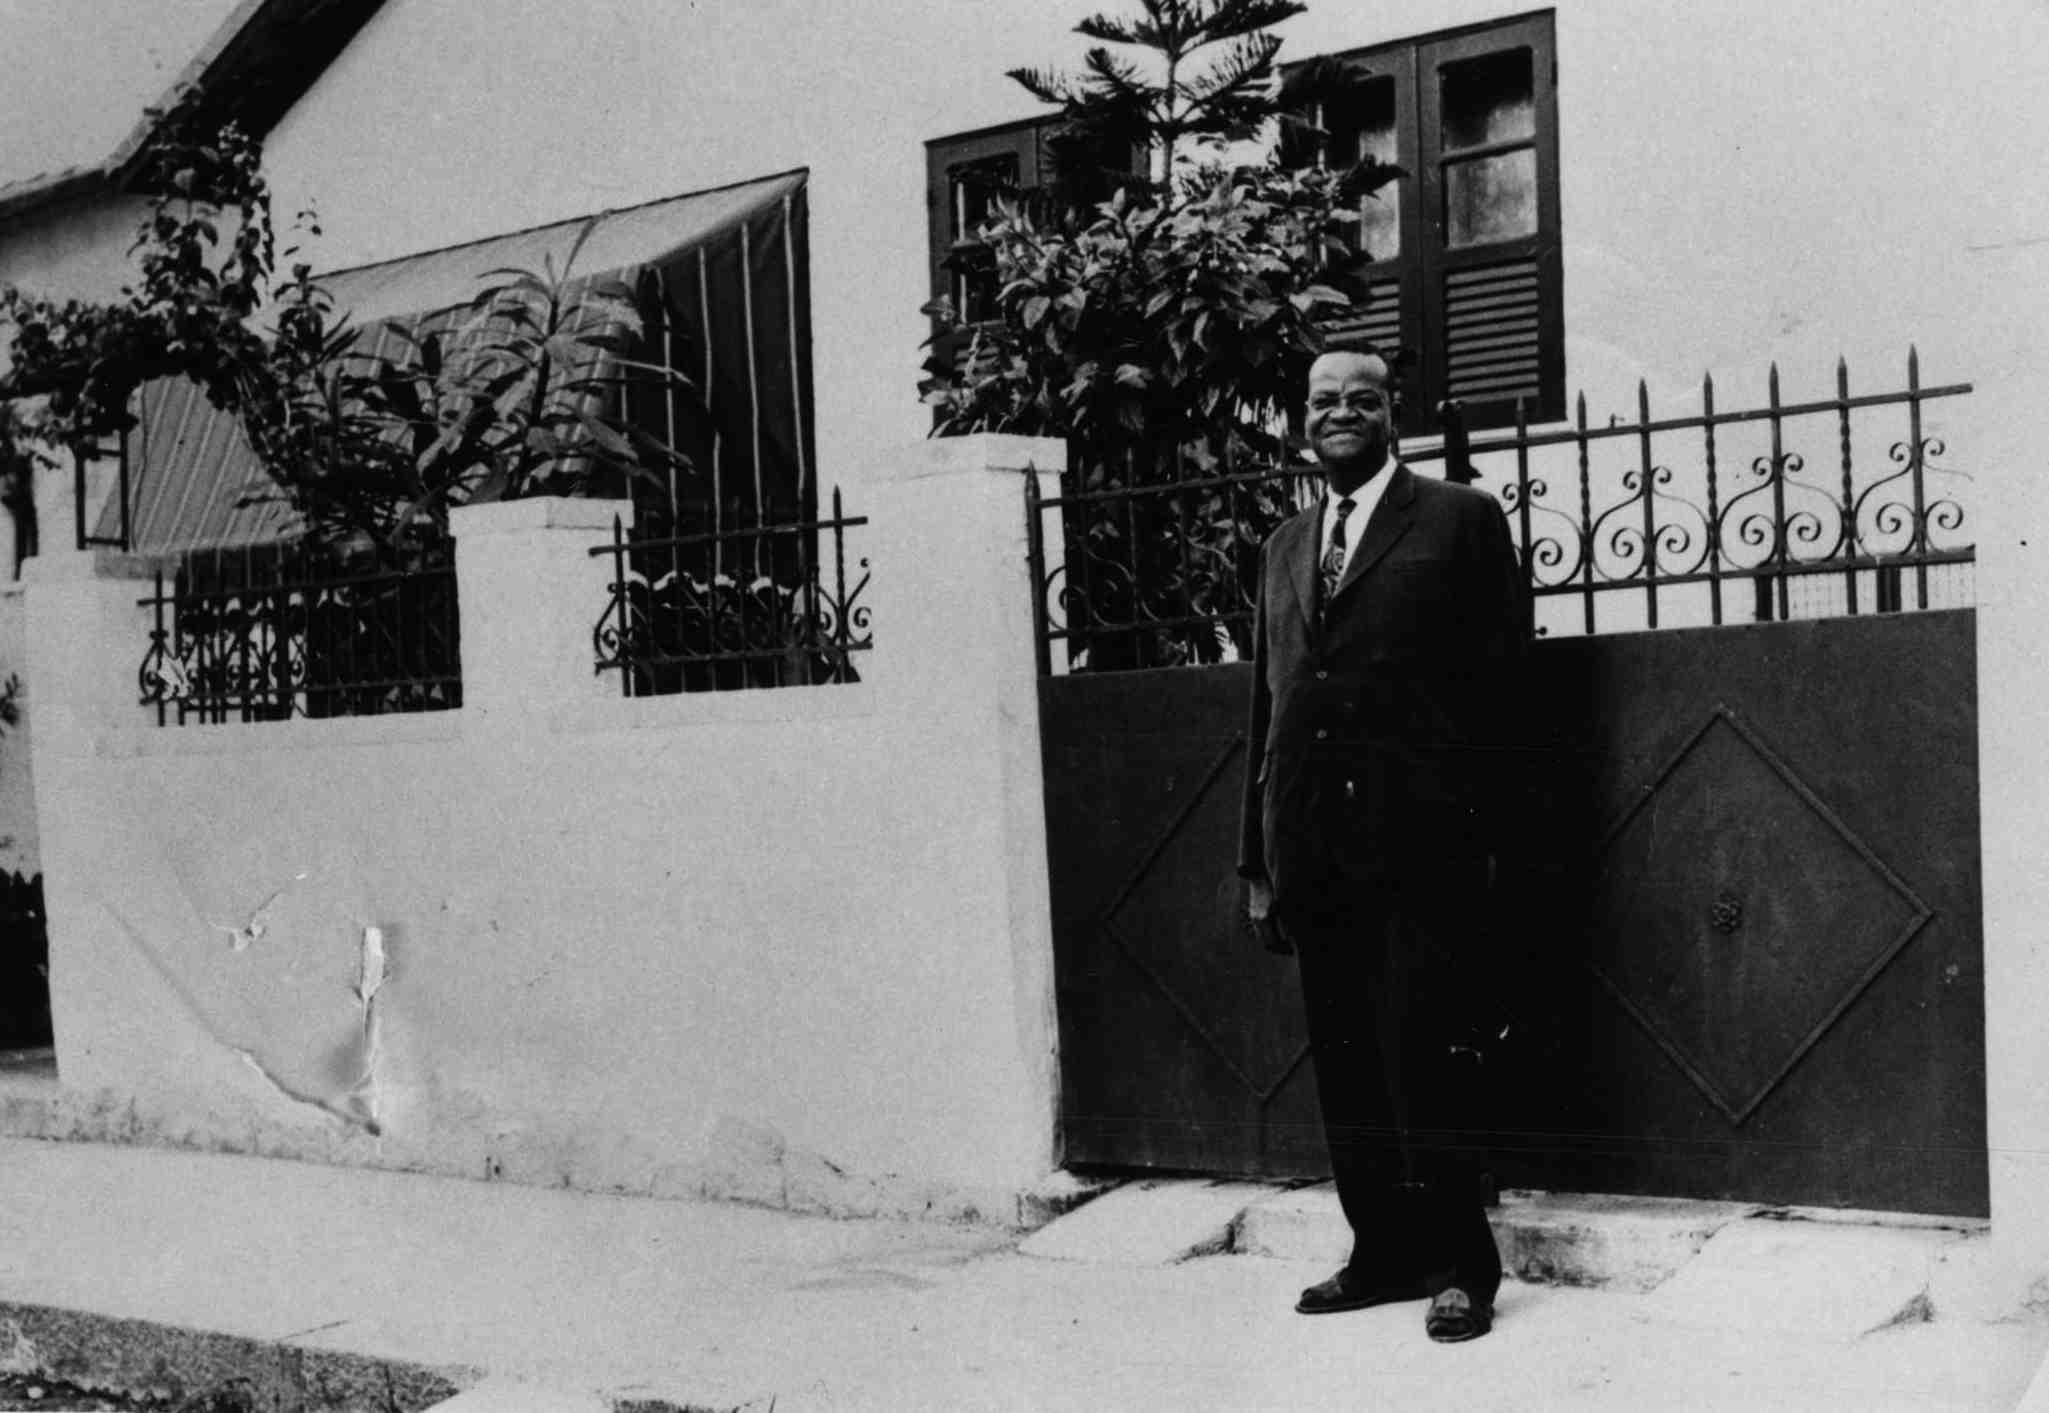 Pixinguinha no portão de casa. Rua Pixinguinha, Ramos, Rio de Janeiro, 1968 circa (IMS_PIX_A04F46P11 / Acervo Pixinguinha / IMS)